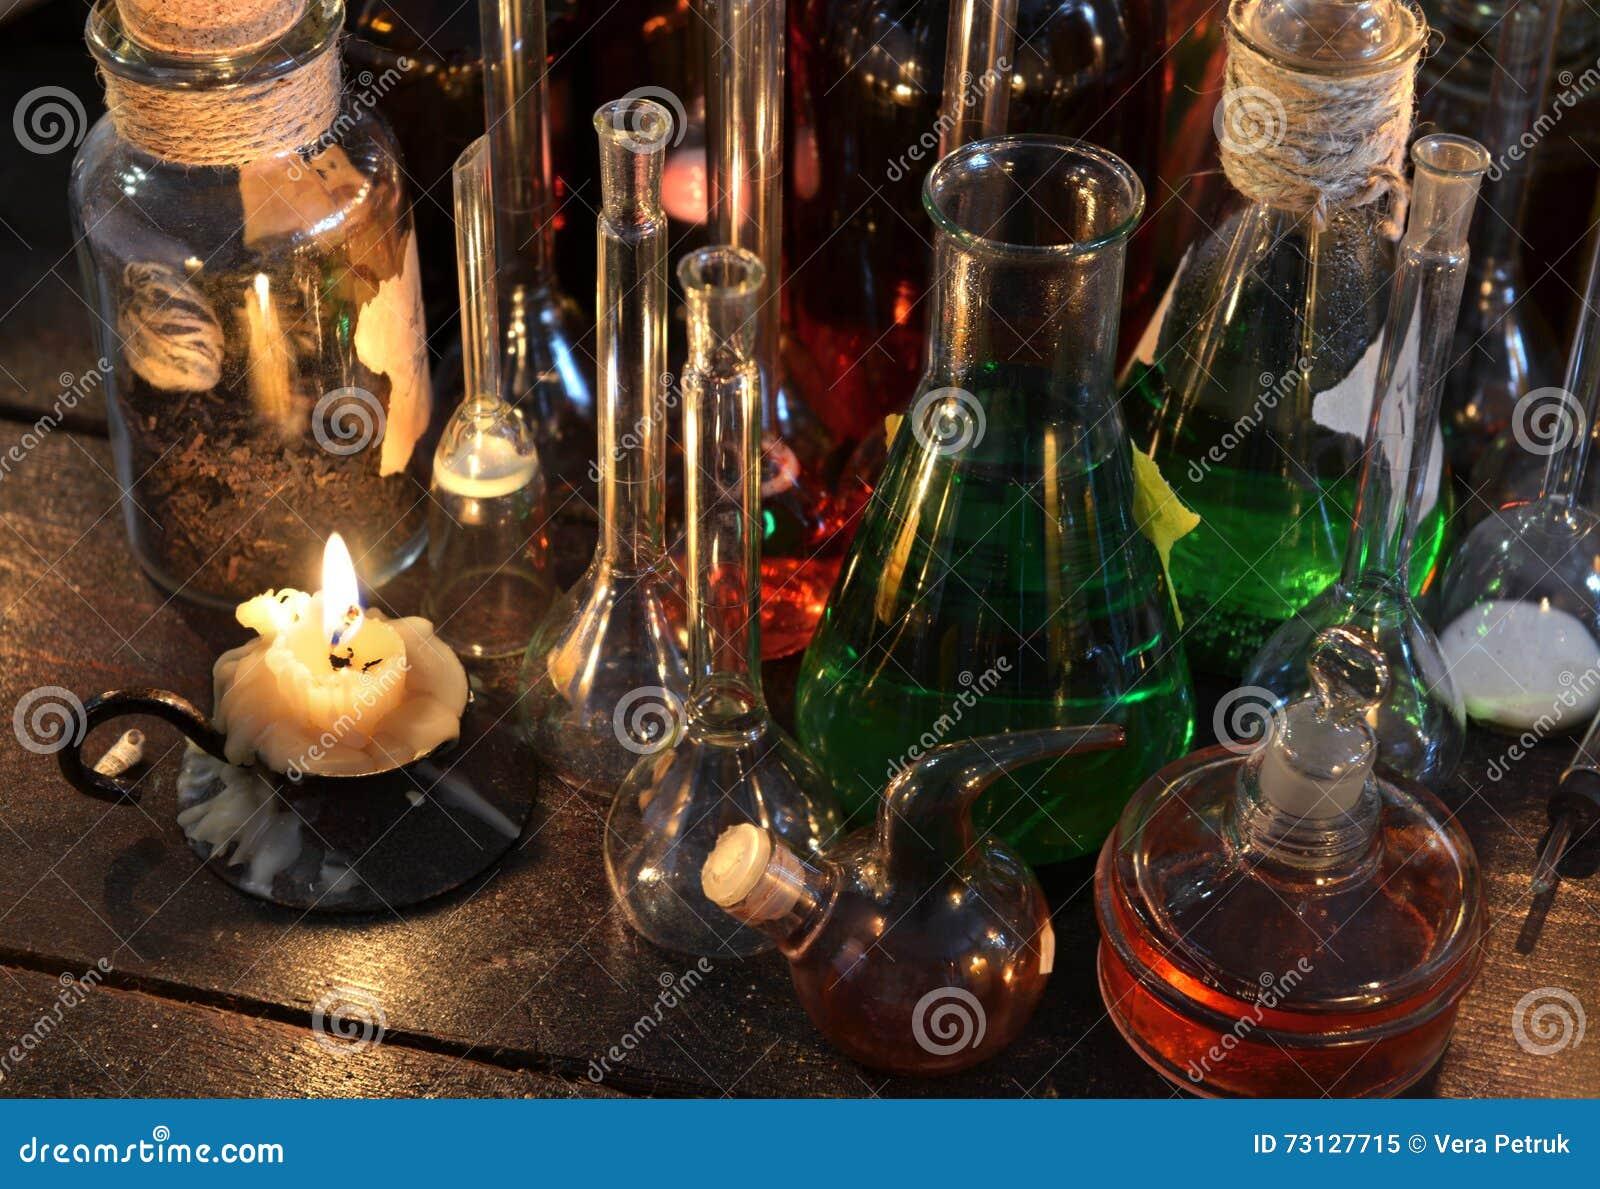 Bougie de vintage avec des flacons et des bouteilles sur la table de sorci re photo stock - La bouteille sur la table ...